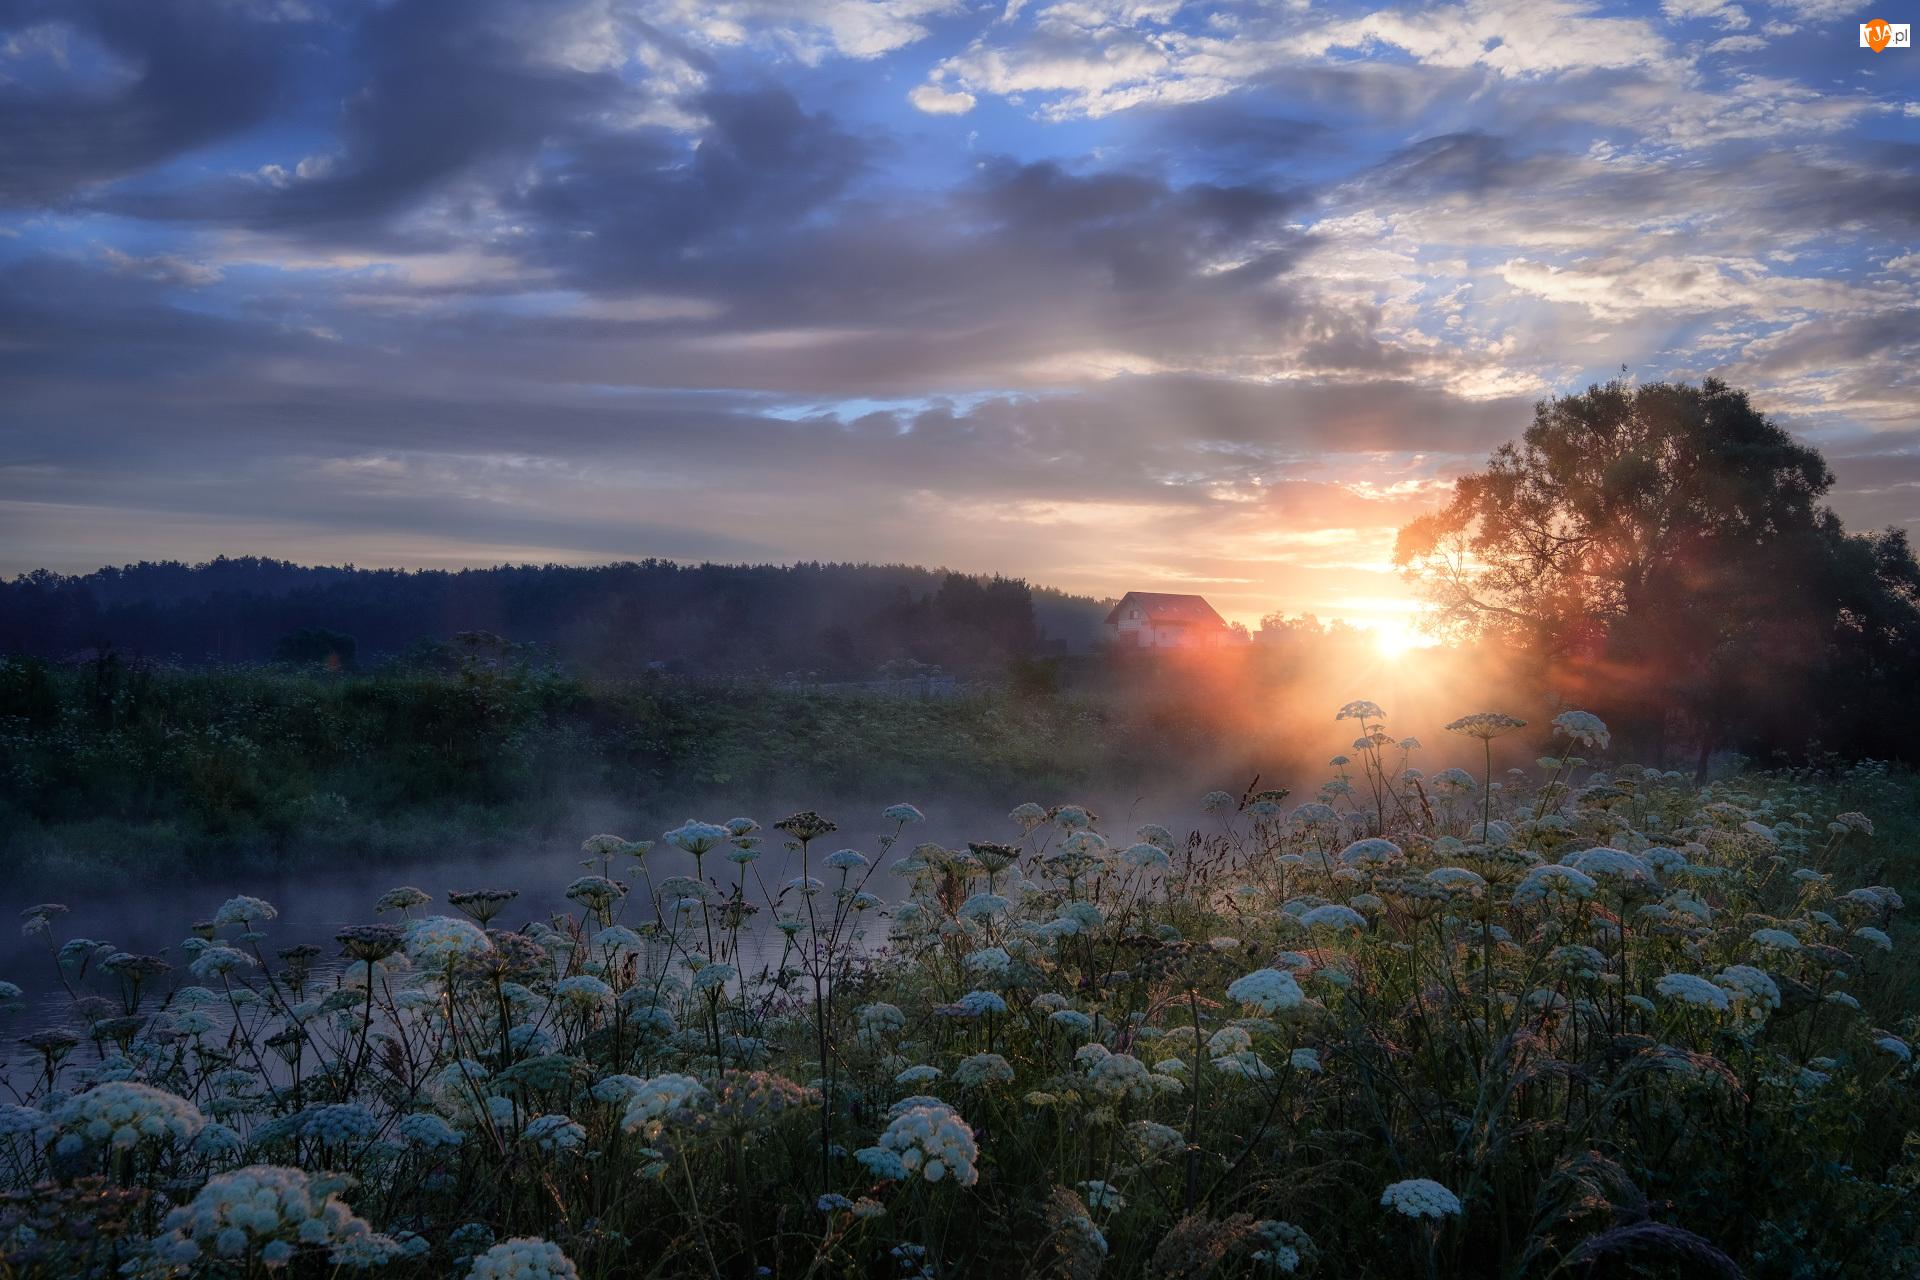 Mgła, Drzewa, Rosja, Rzeka Istra, Obwód moskiewski, Wschód słońca, Roślinność